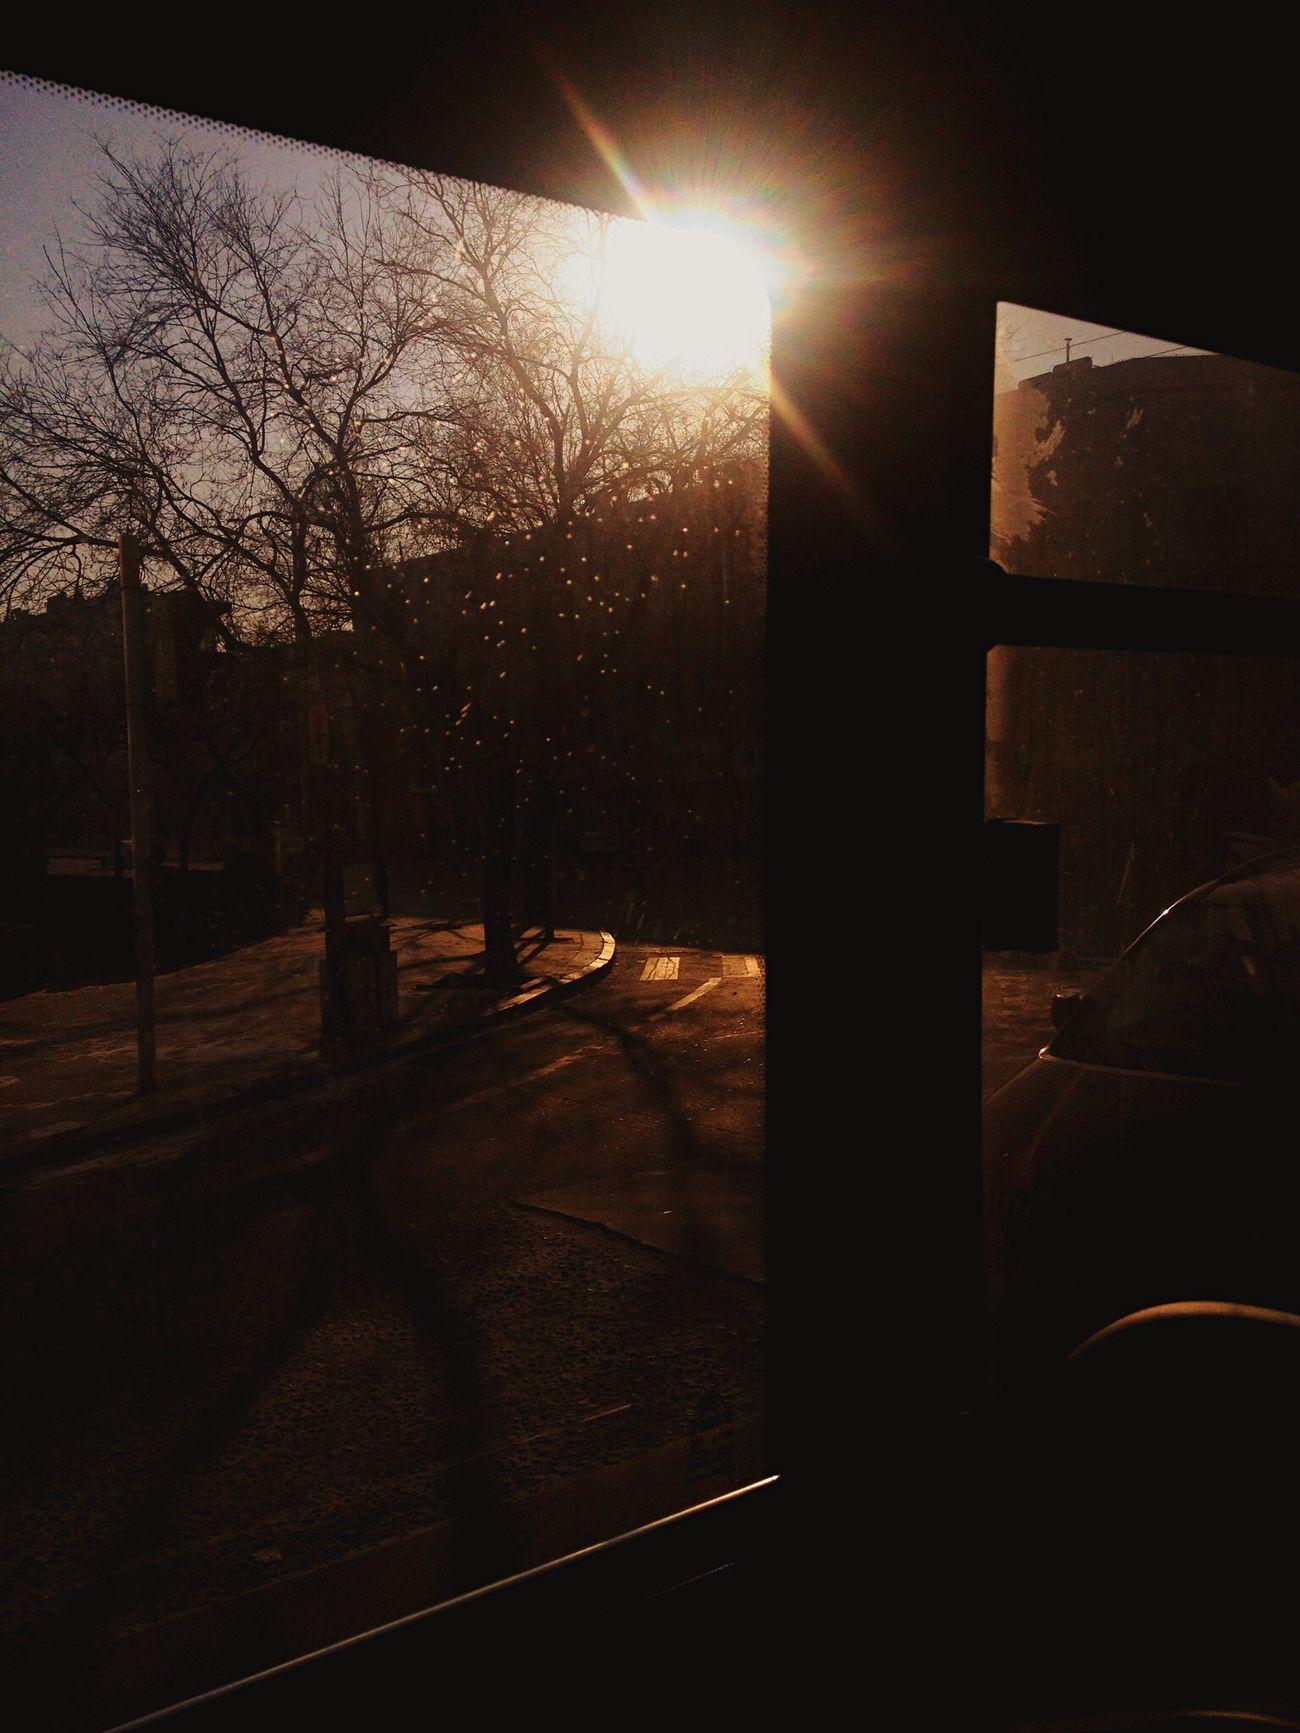 早晨的公車窗外街區。